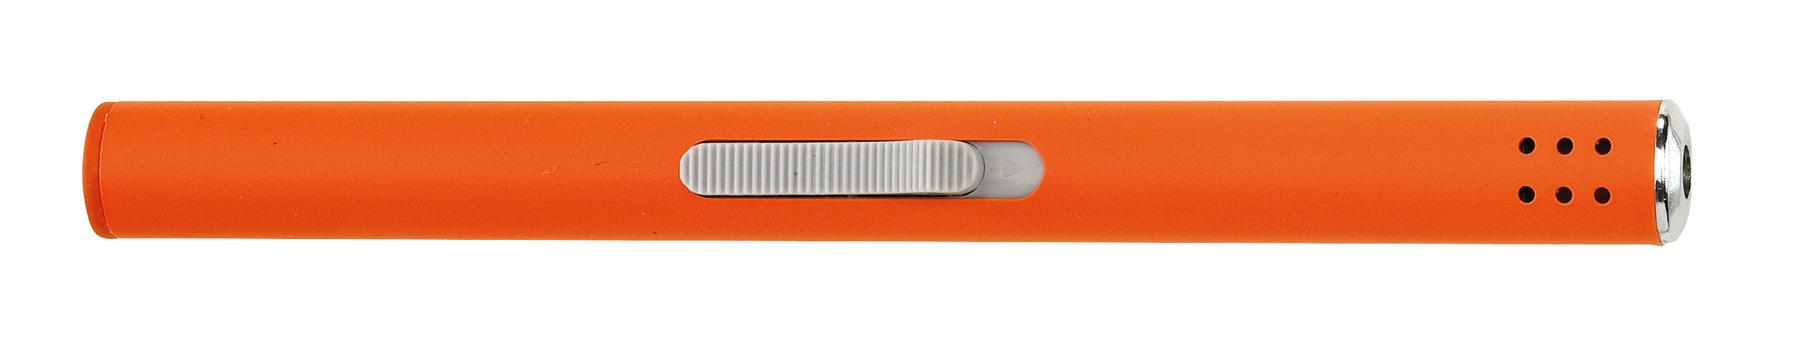 Zapalarka grillowa VESUV, pomarańczowy